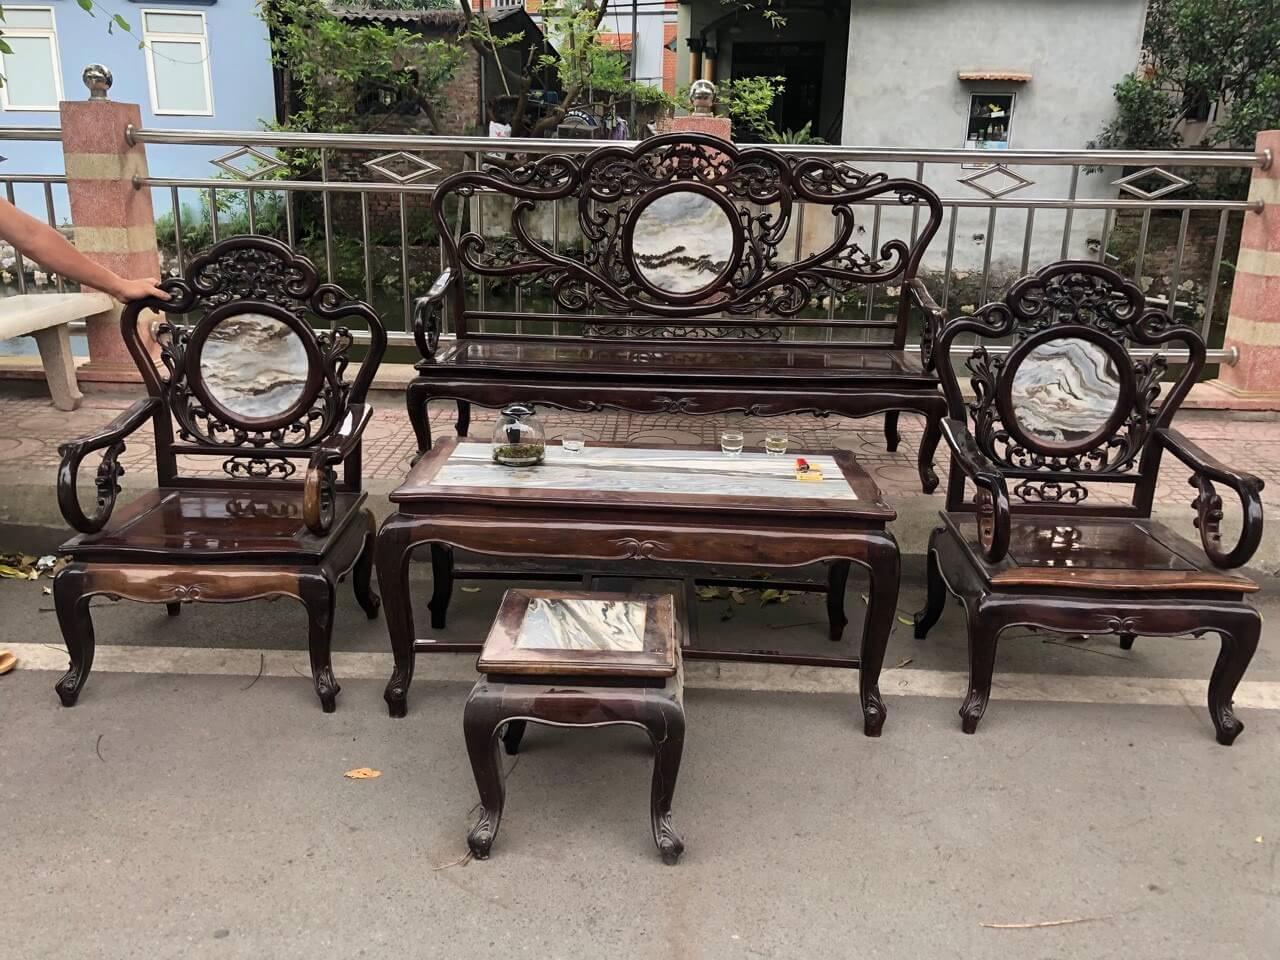 thanh lý bàn ghế phòng khách cũ giá cao